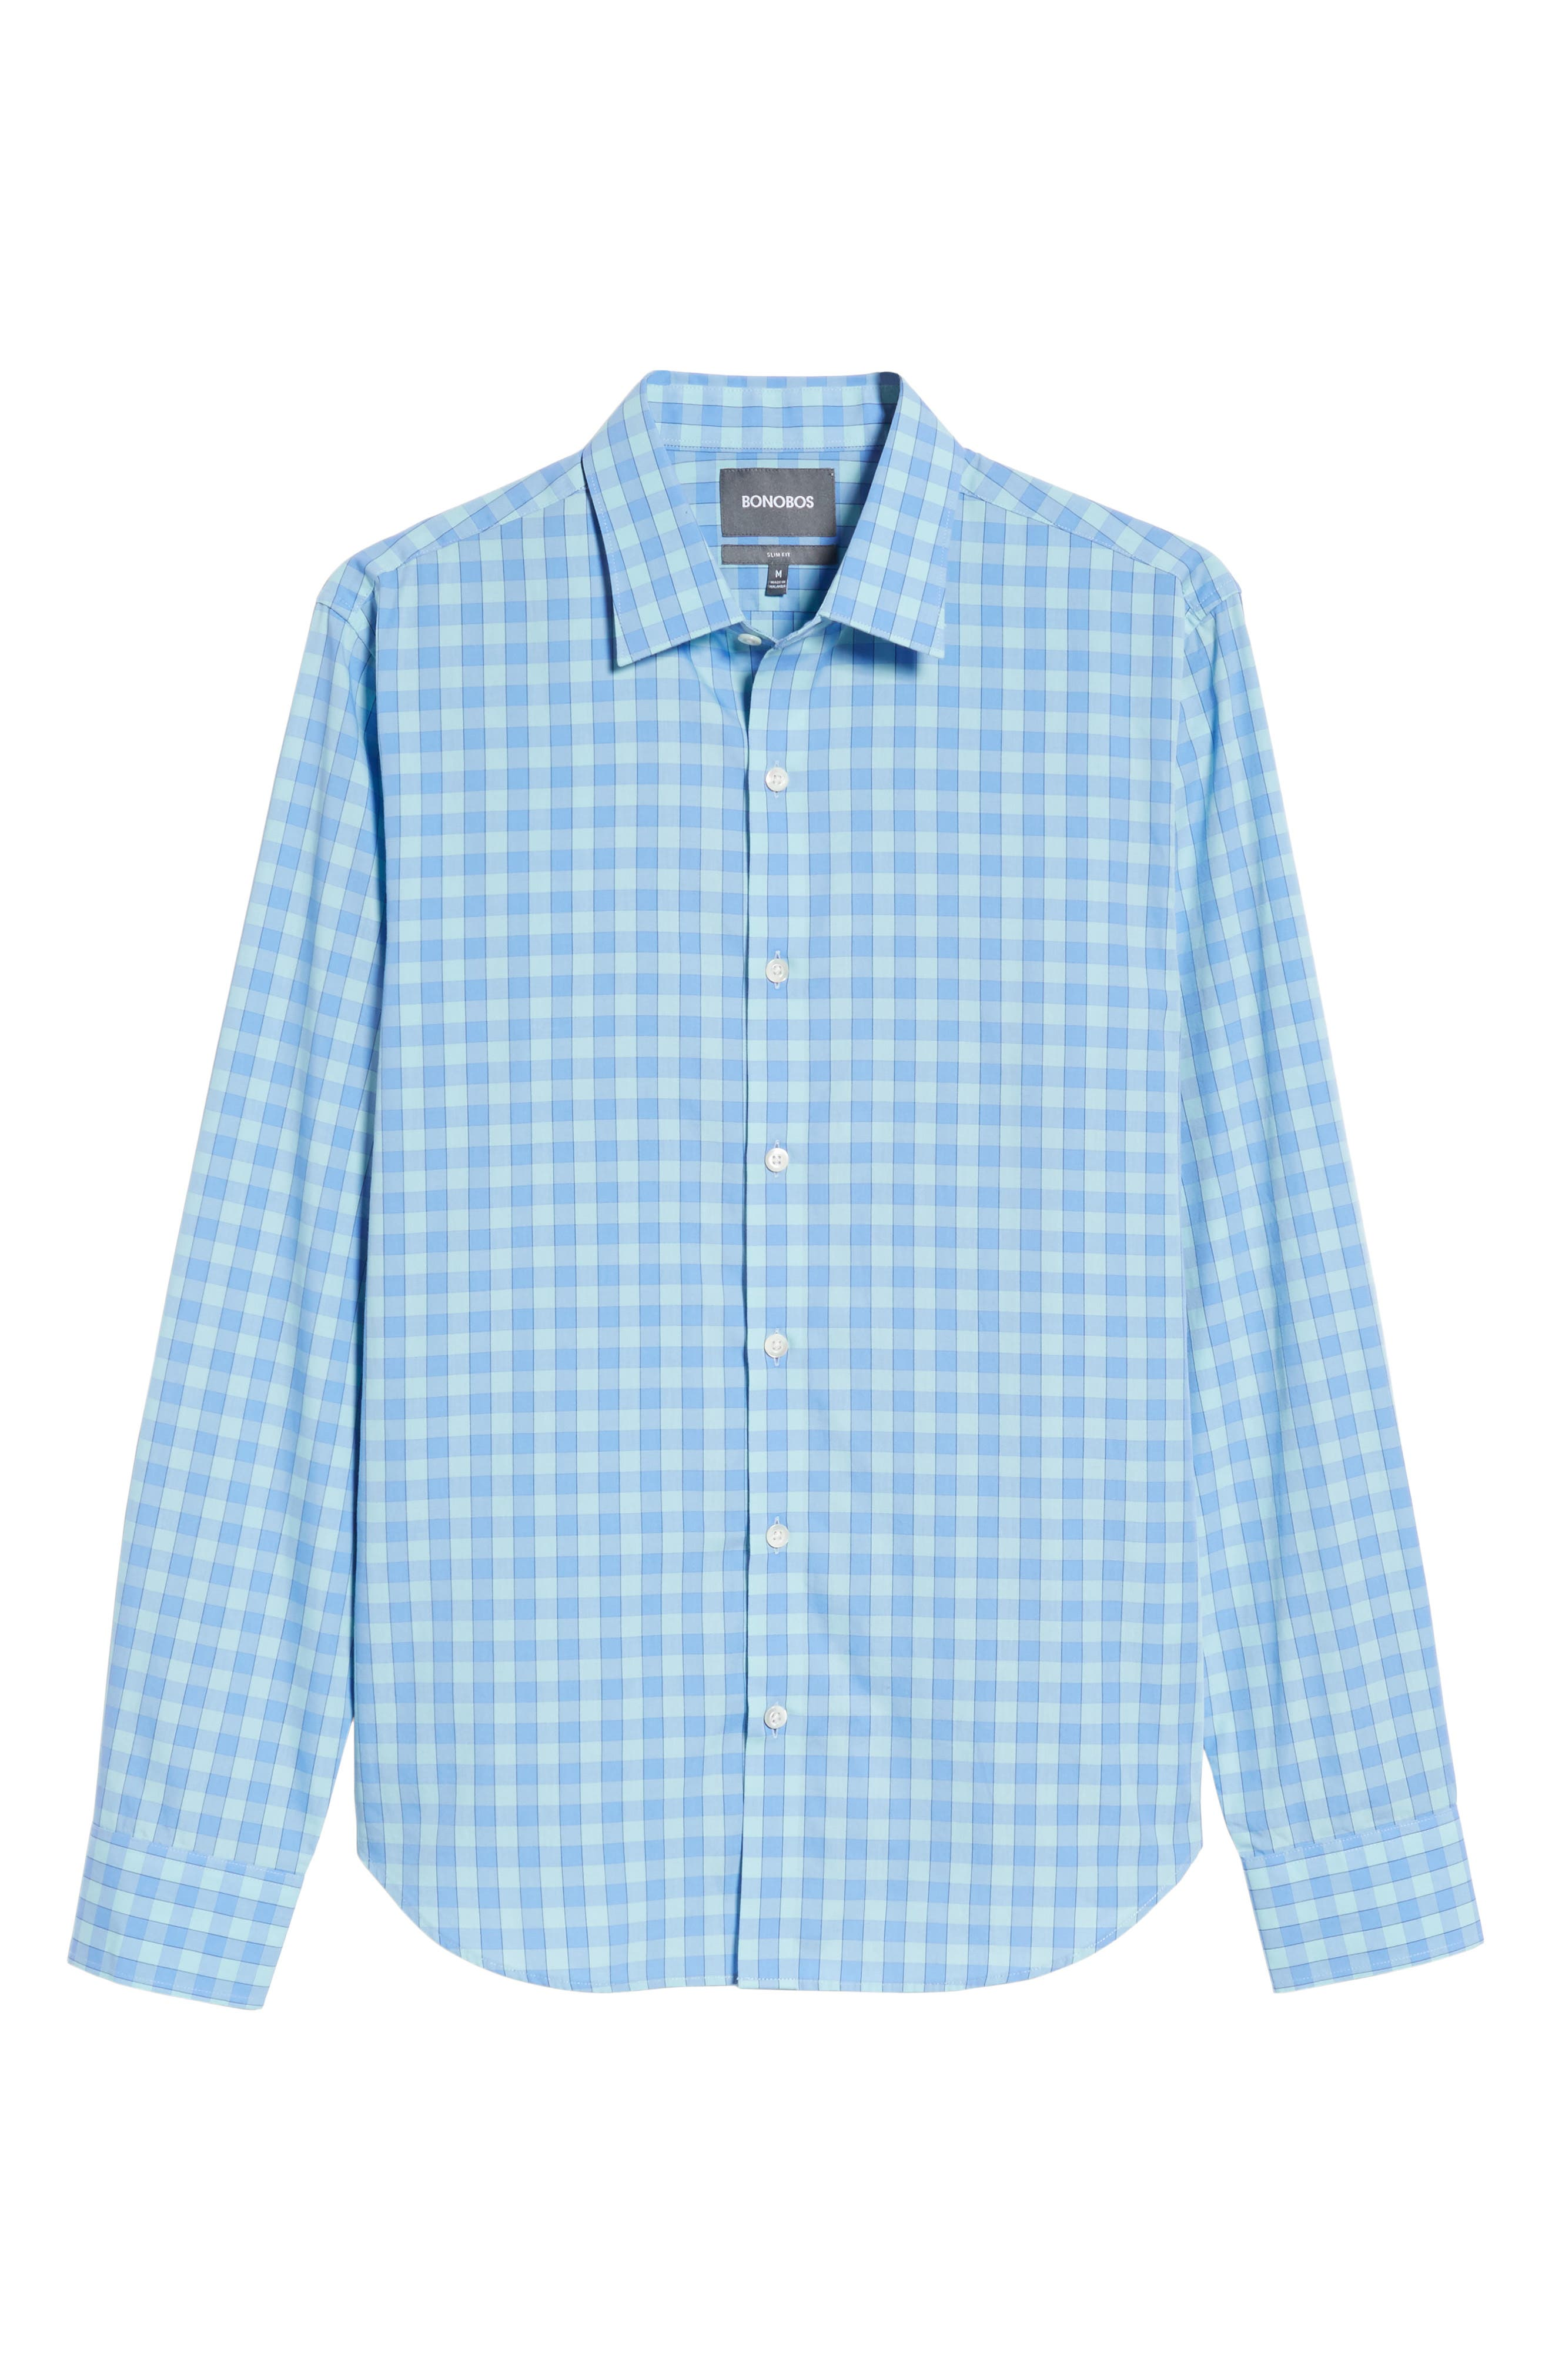 Unbutton Down 2.0 Slim Fit Gingham Sport Shirt,                             Alternate thumbnail 6, color,                             400